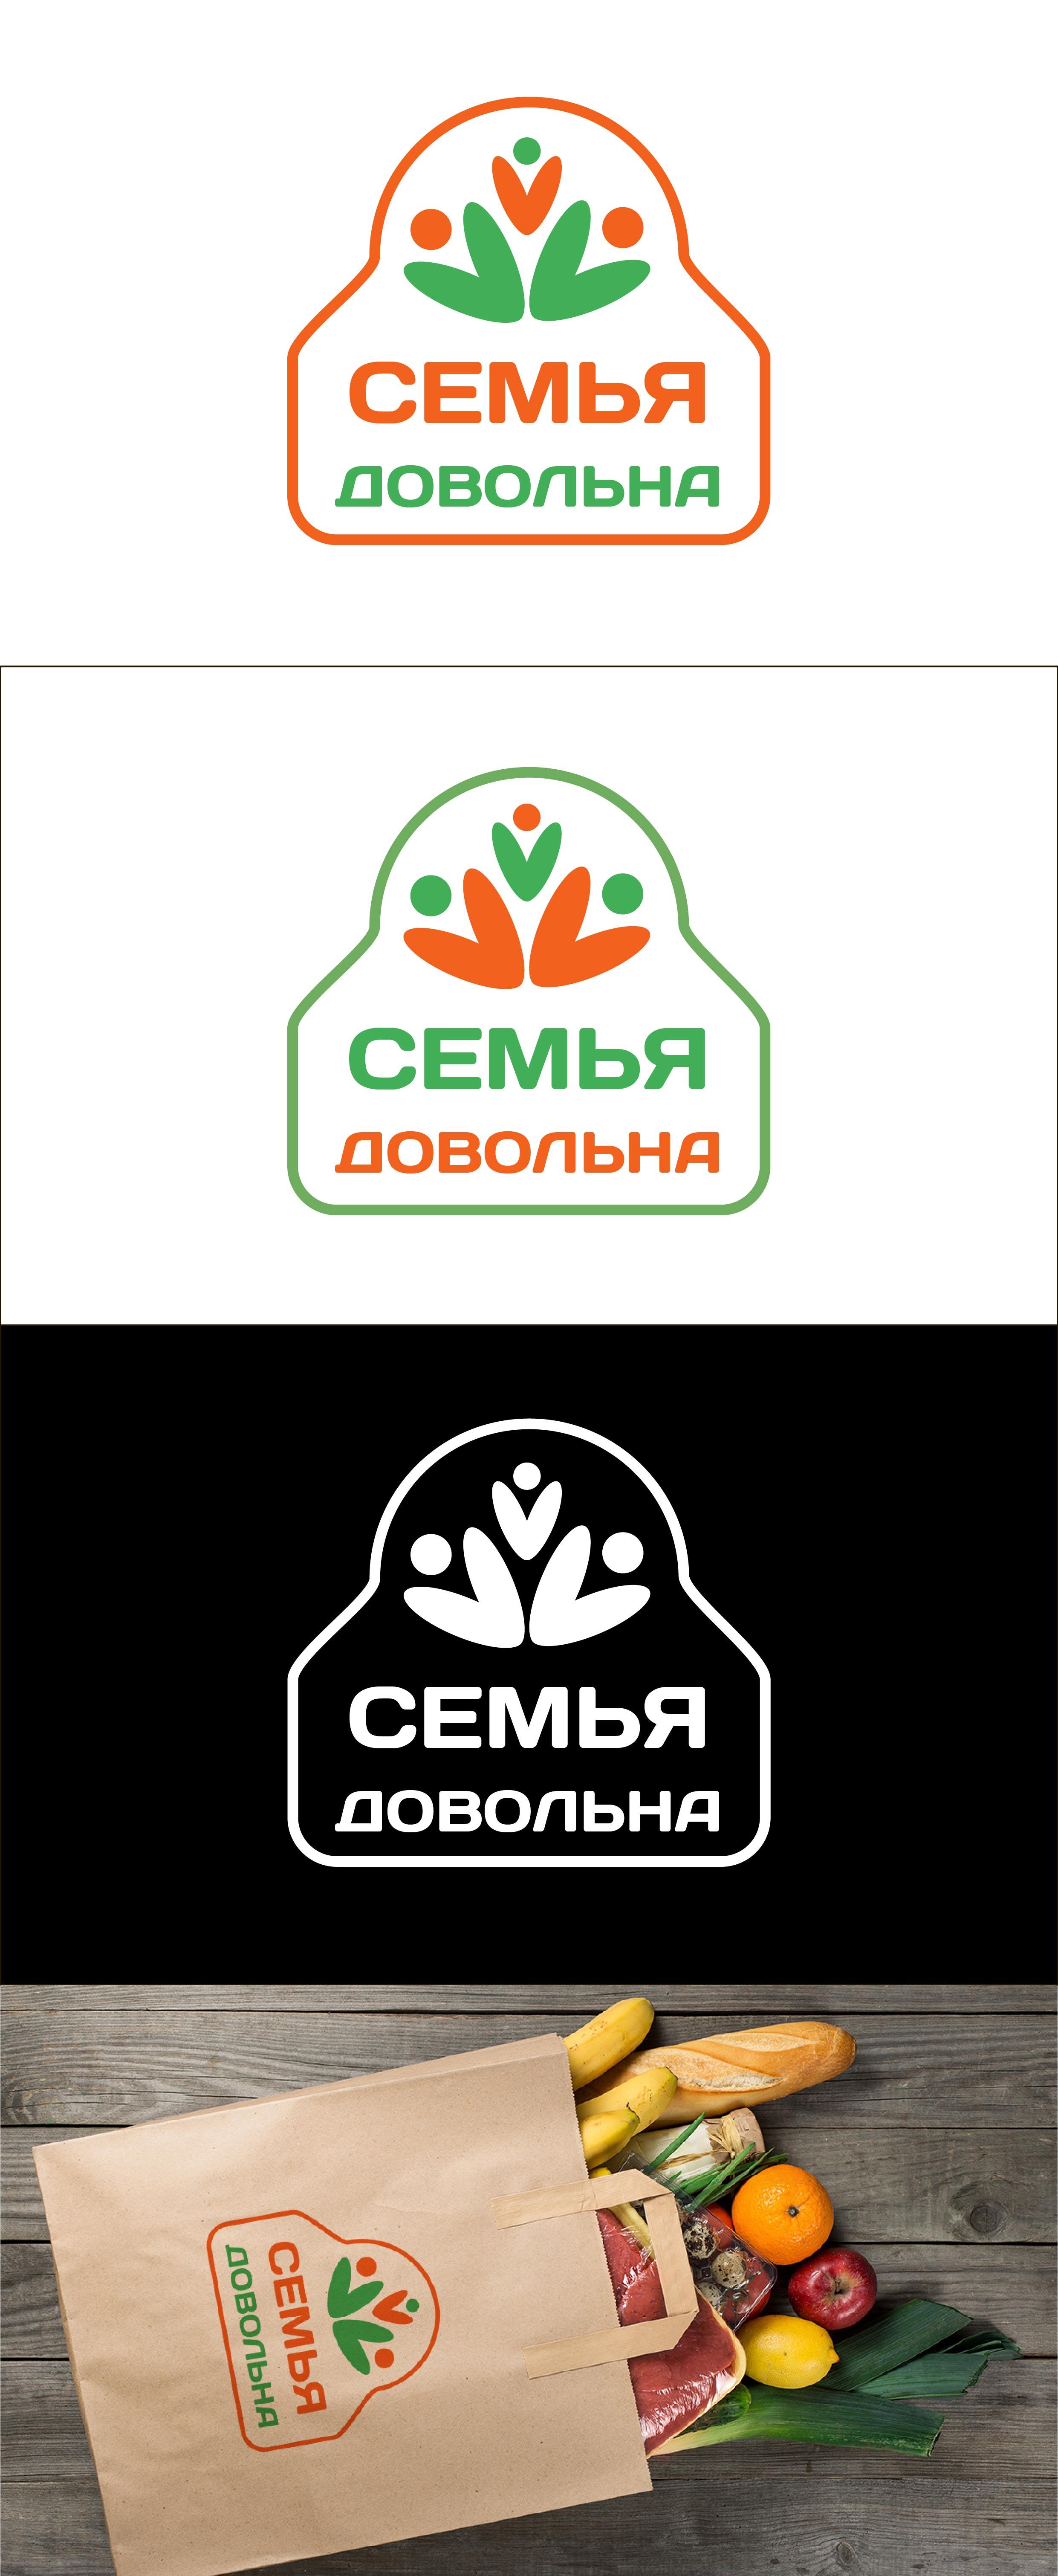 """Разработайте логотип для торговой марки """"Семья довольна"""" фото f_9295b9a88a379920.jpg"""